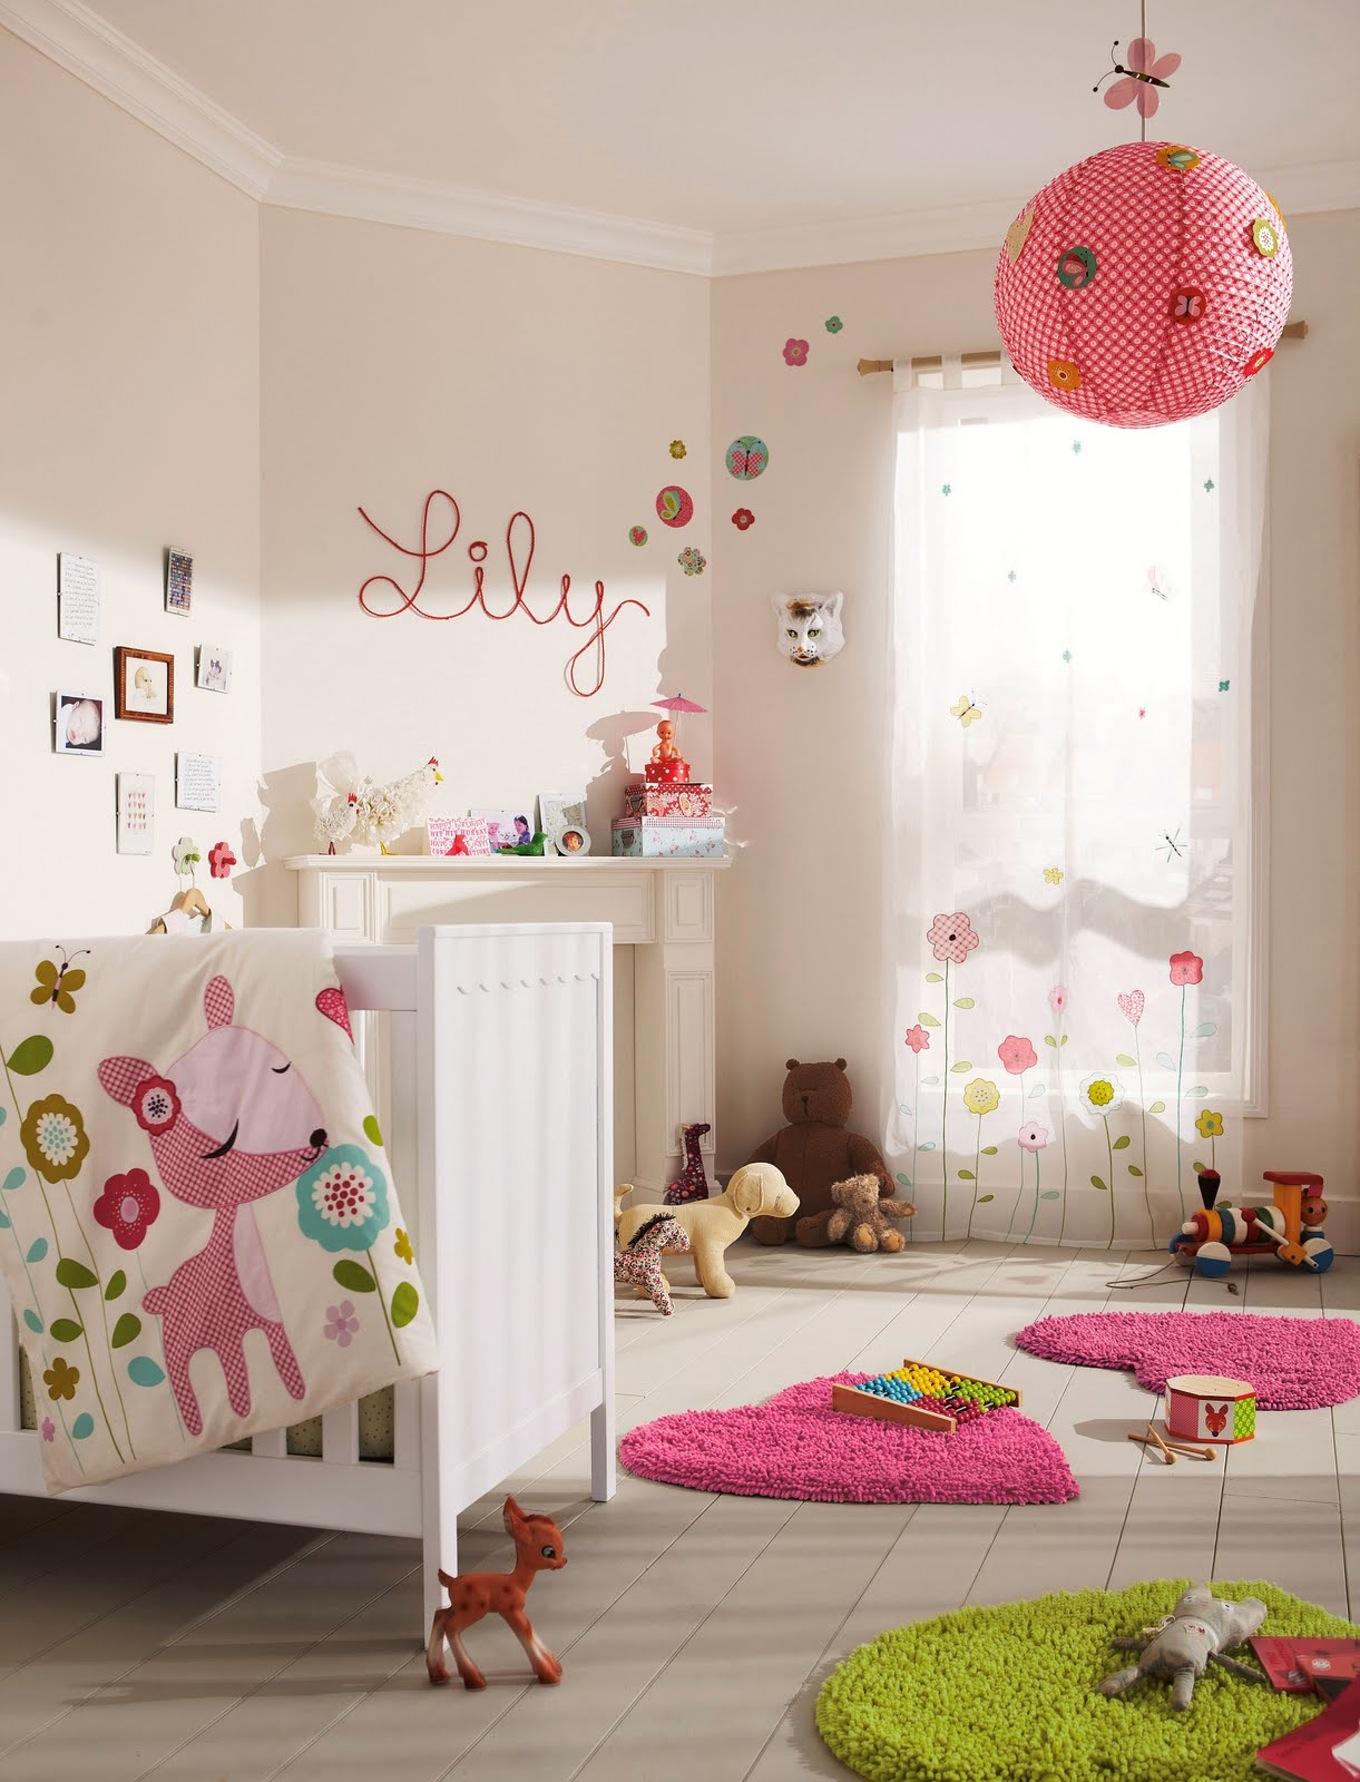 d coration chambre b b fille faire soi m me id es de. Black Bedroom Furniture Sets. Home Design Ideas